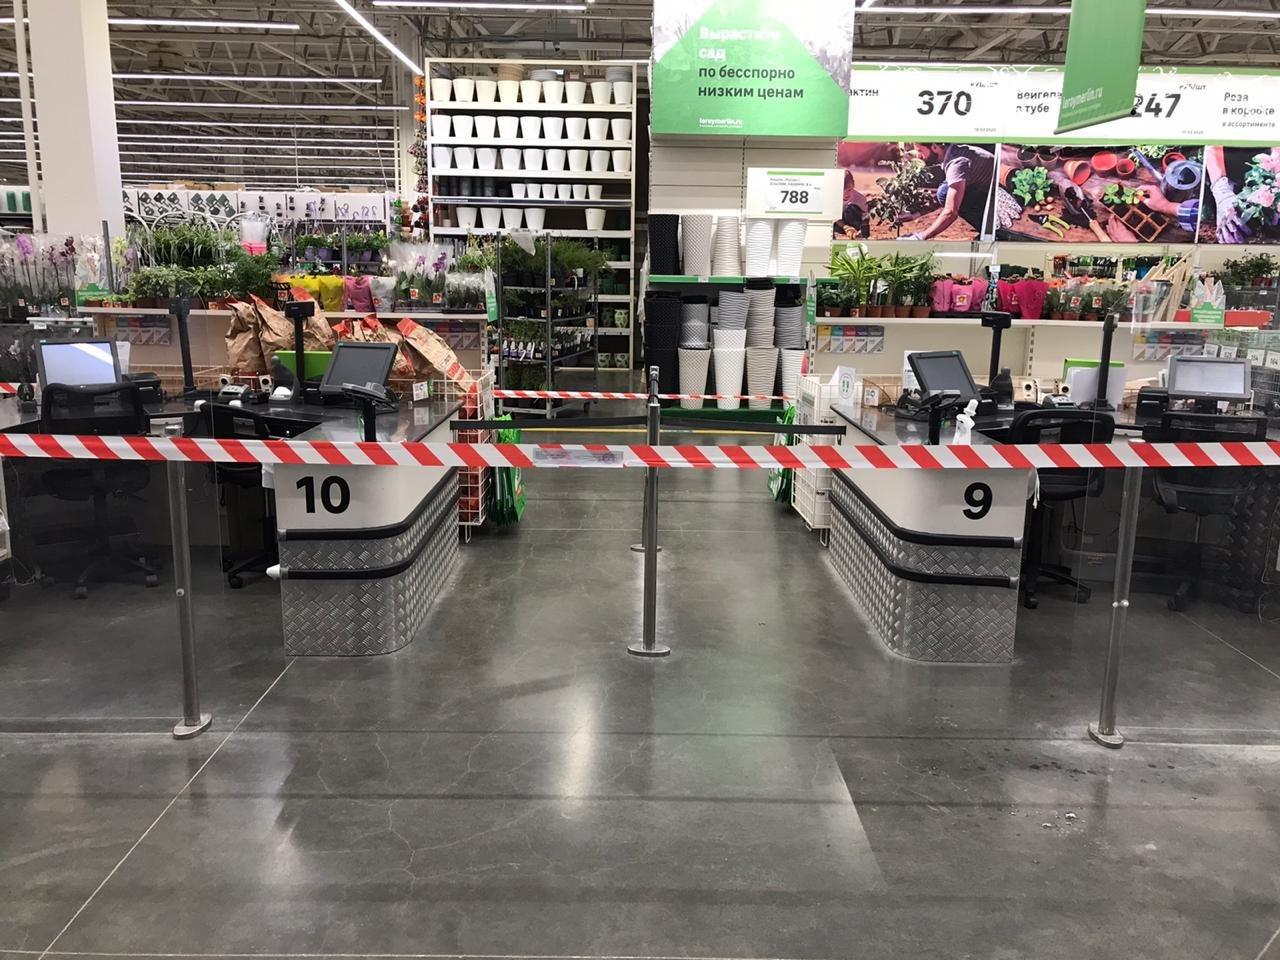 Закрыли Ли Магазины В Москве